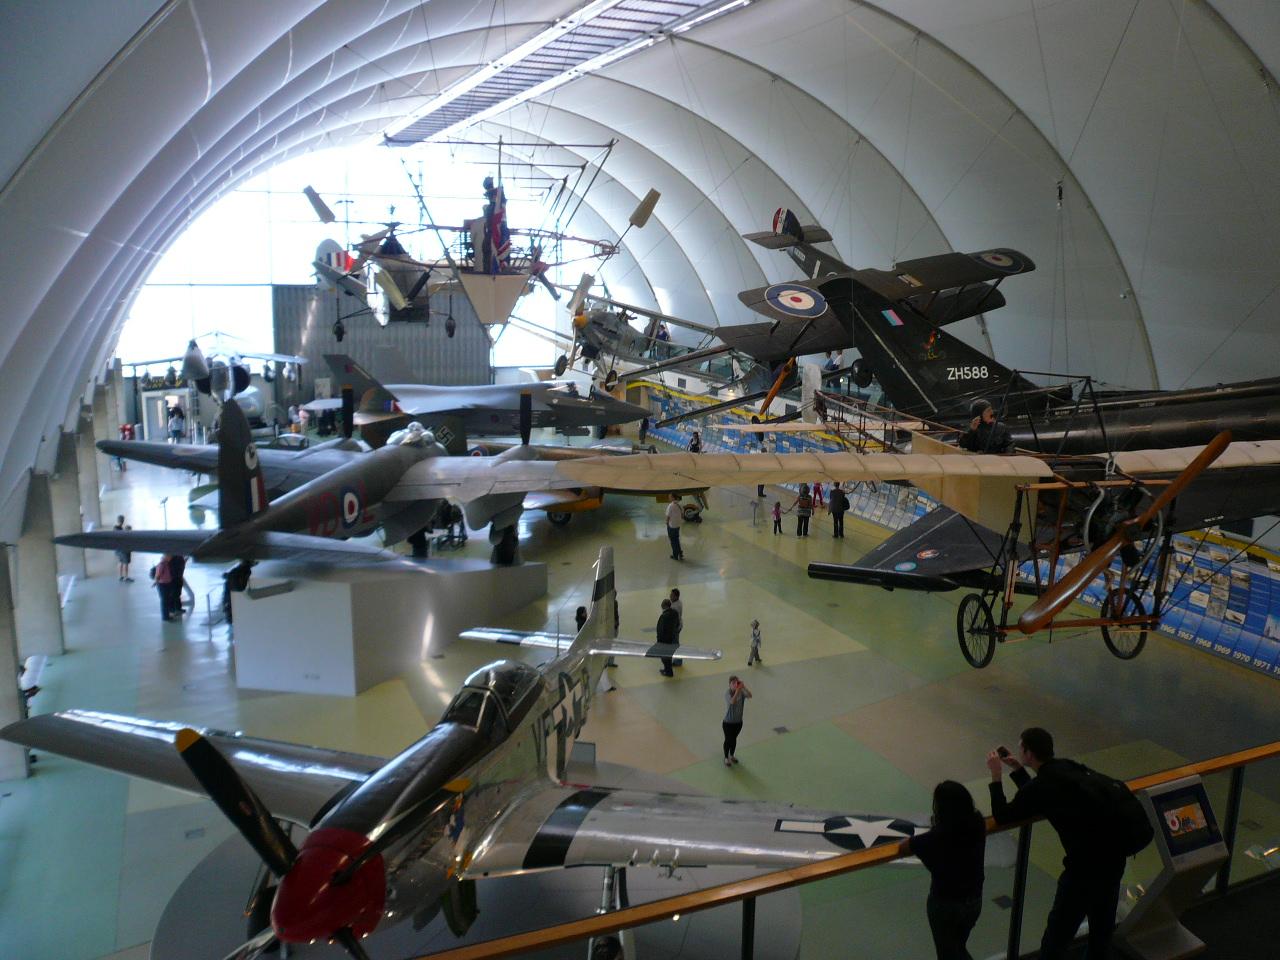 赤い自転車: RAF Museum London イギリス空軍博物館に行ってきた Part1